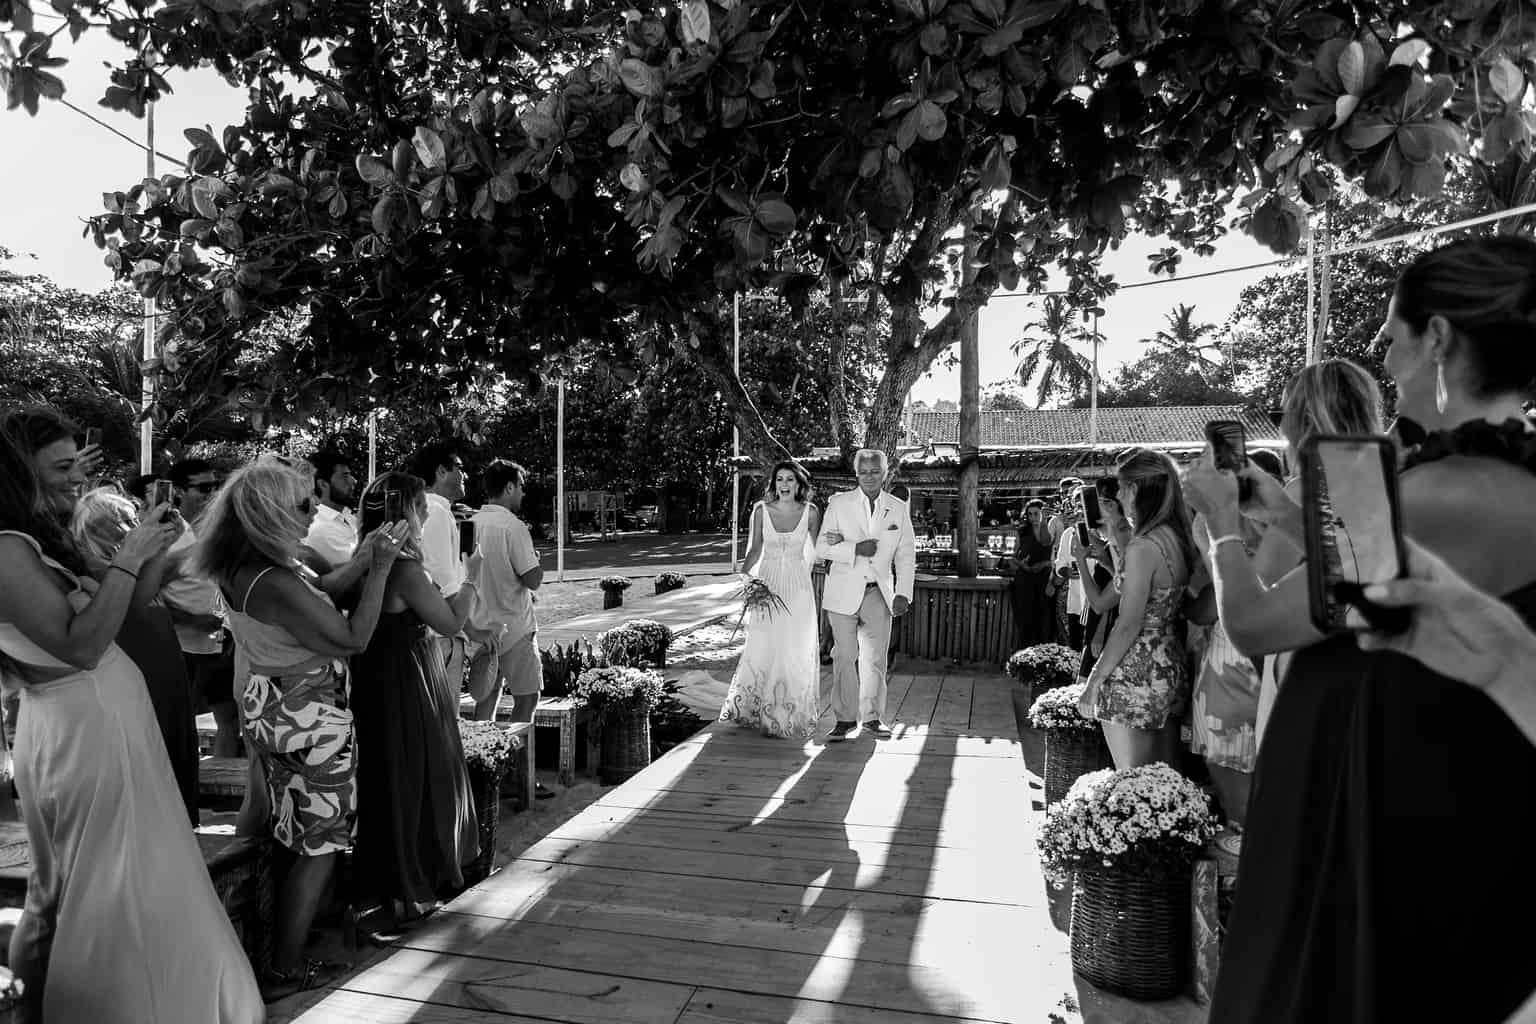 Casamento-Victoria-e-Christian-Fotografia-Tiago-Saldanha-Cerimônia241_MG_2357